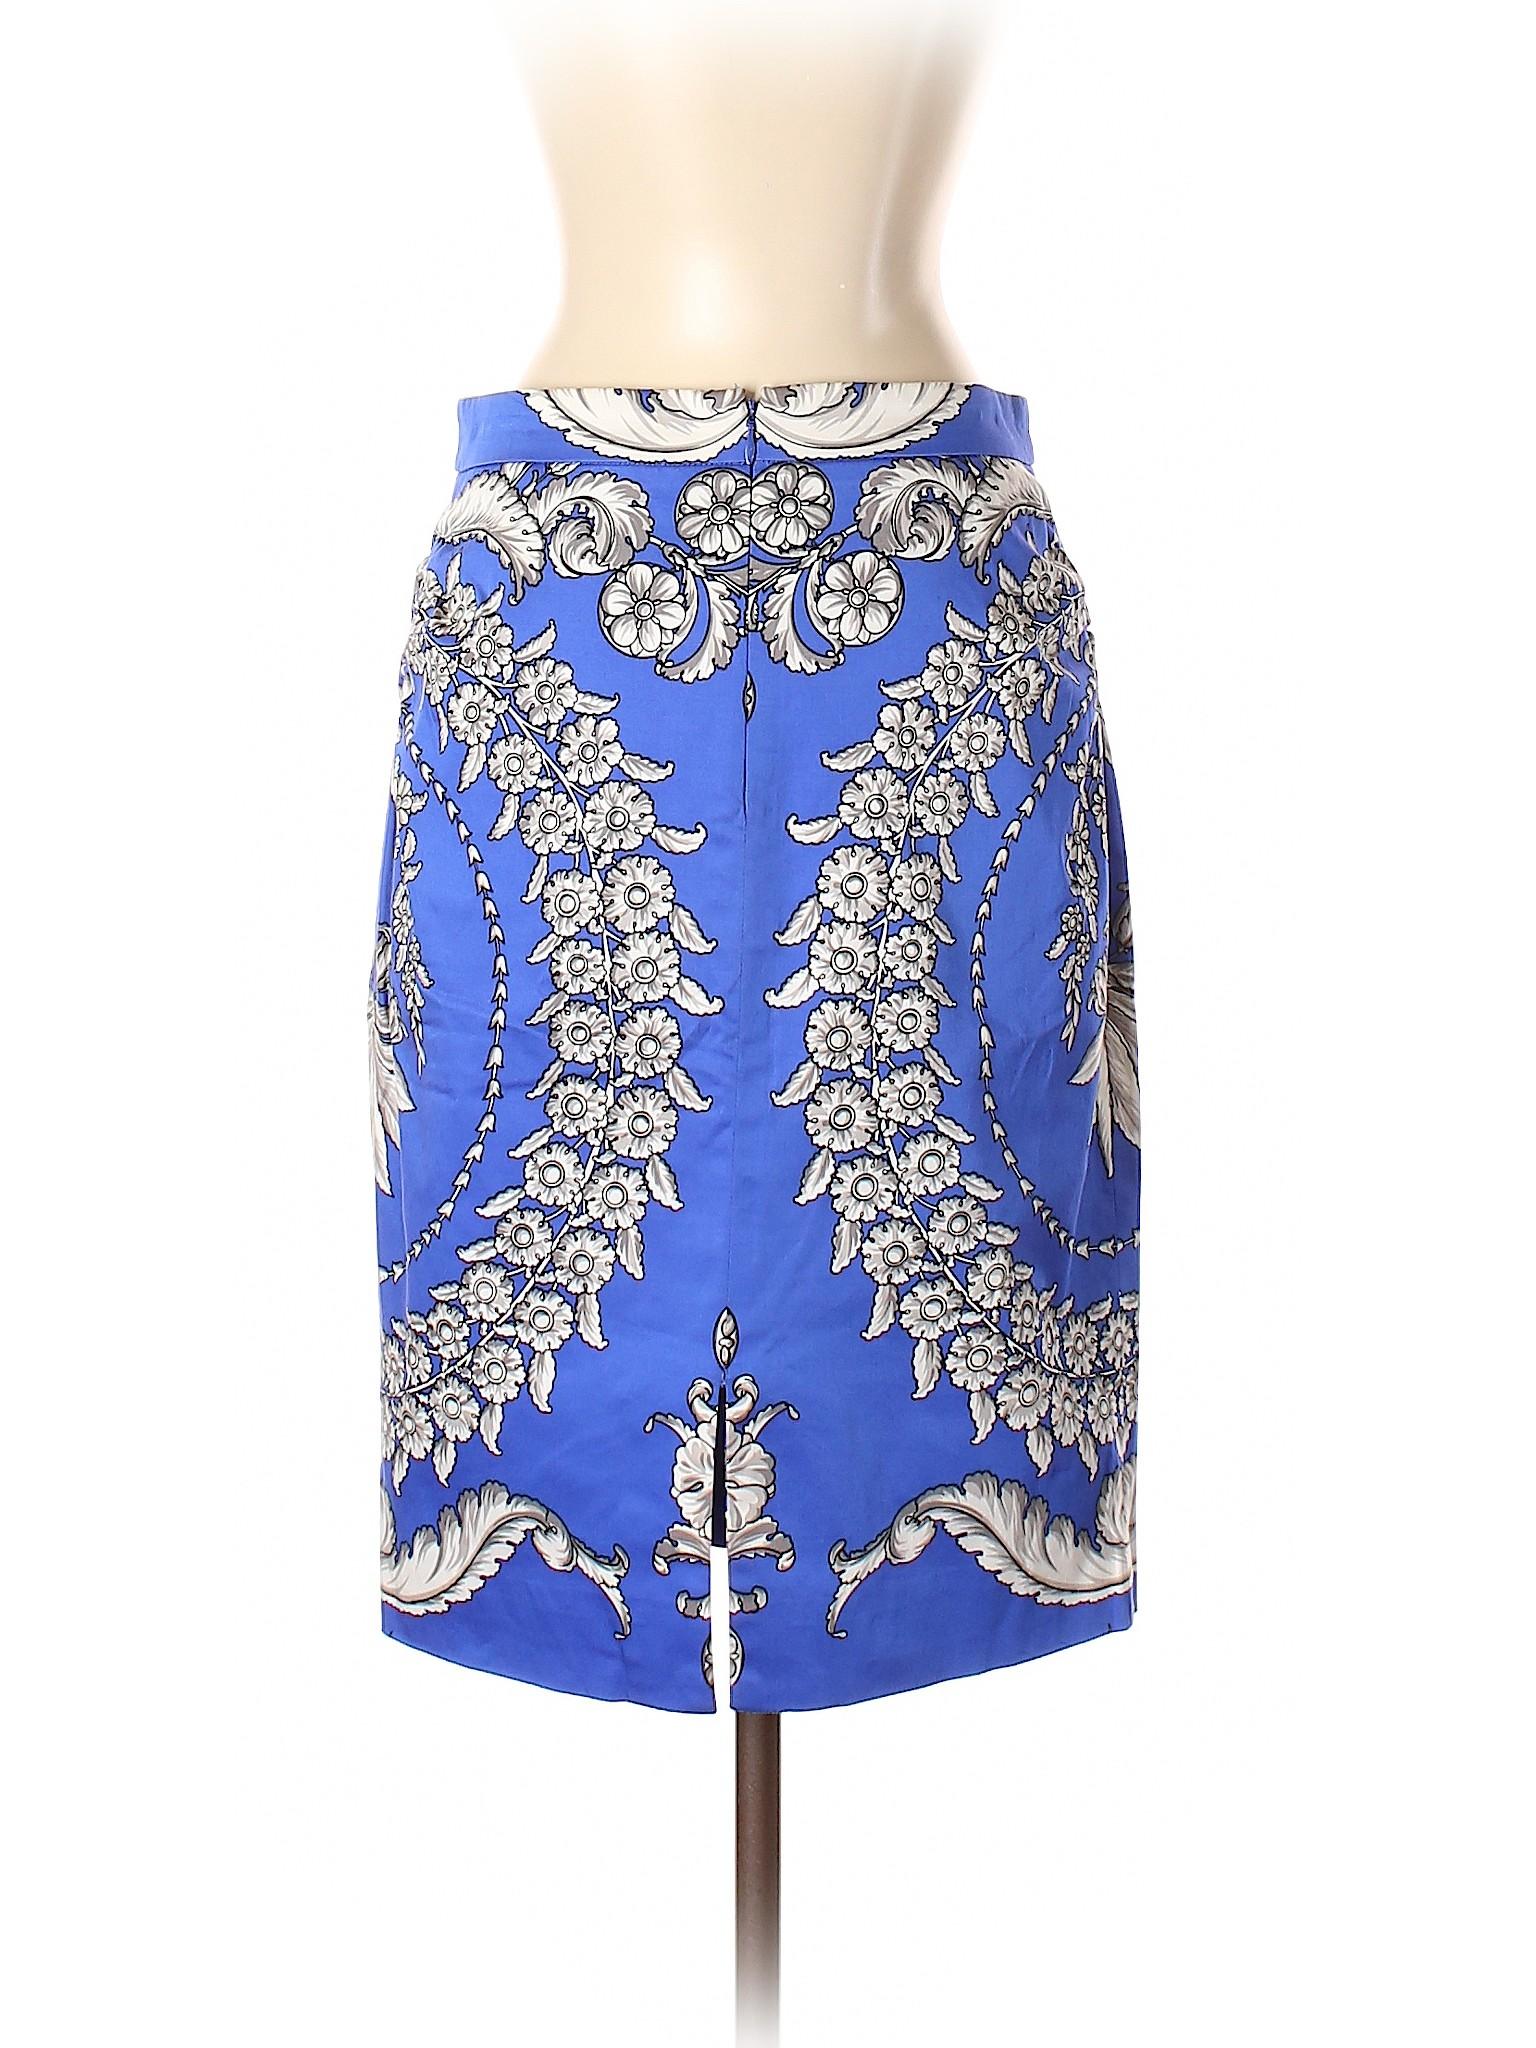 leisure Boutique Baraschi Boutique leisure leisure Casual Boutique Skirt Boutique Baraschi Casual Skirt leisure Baraschi Casual Skirt 1qxC7wAw